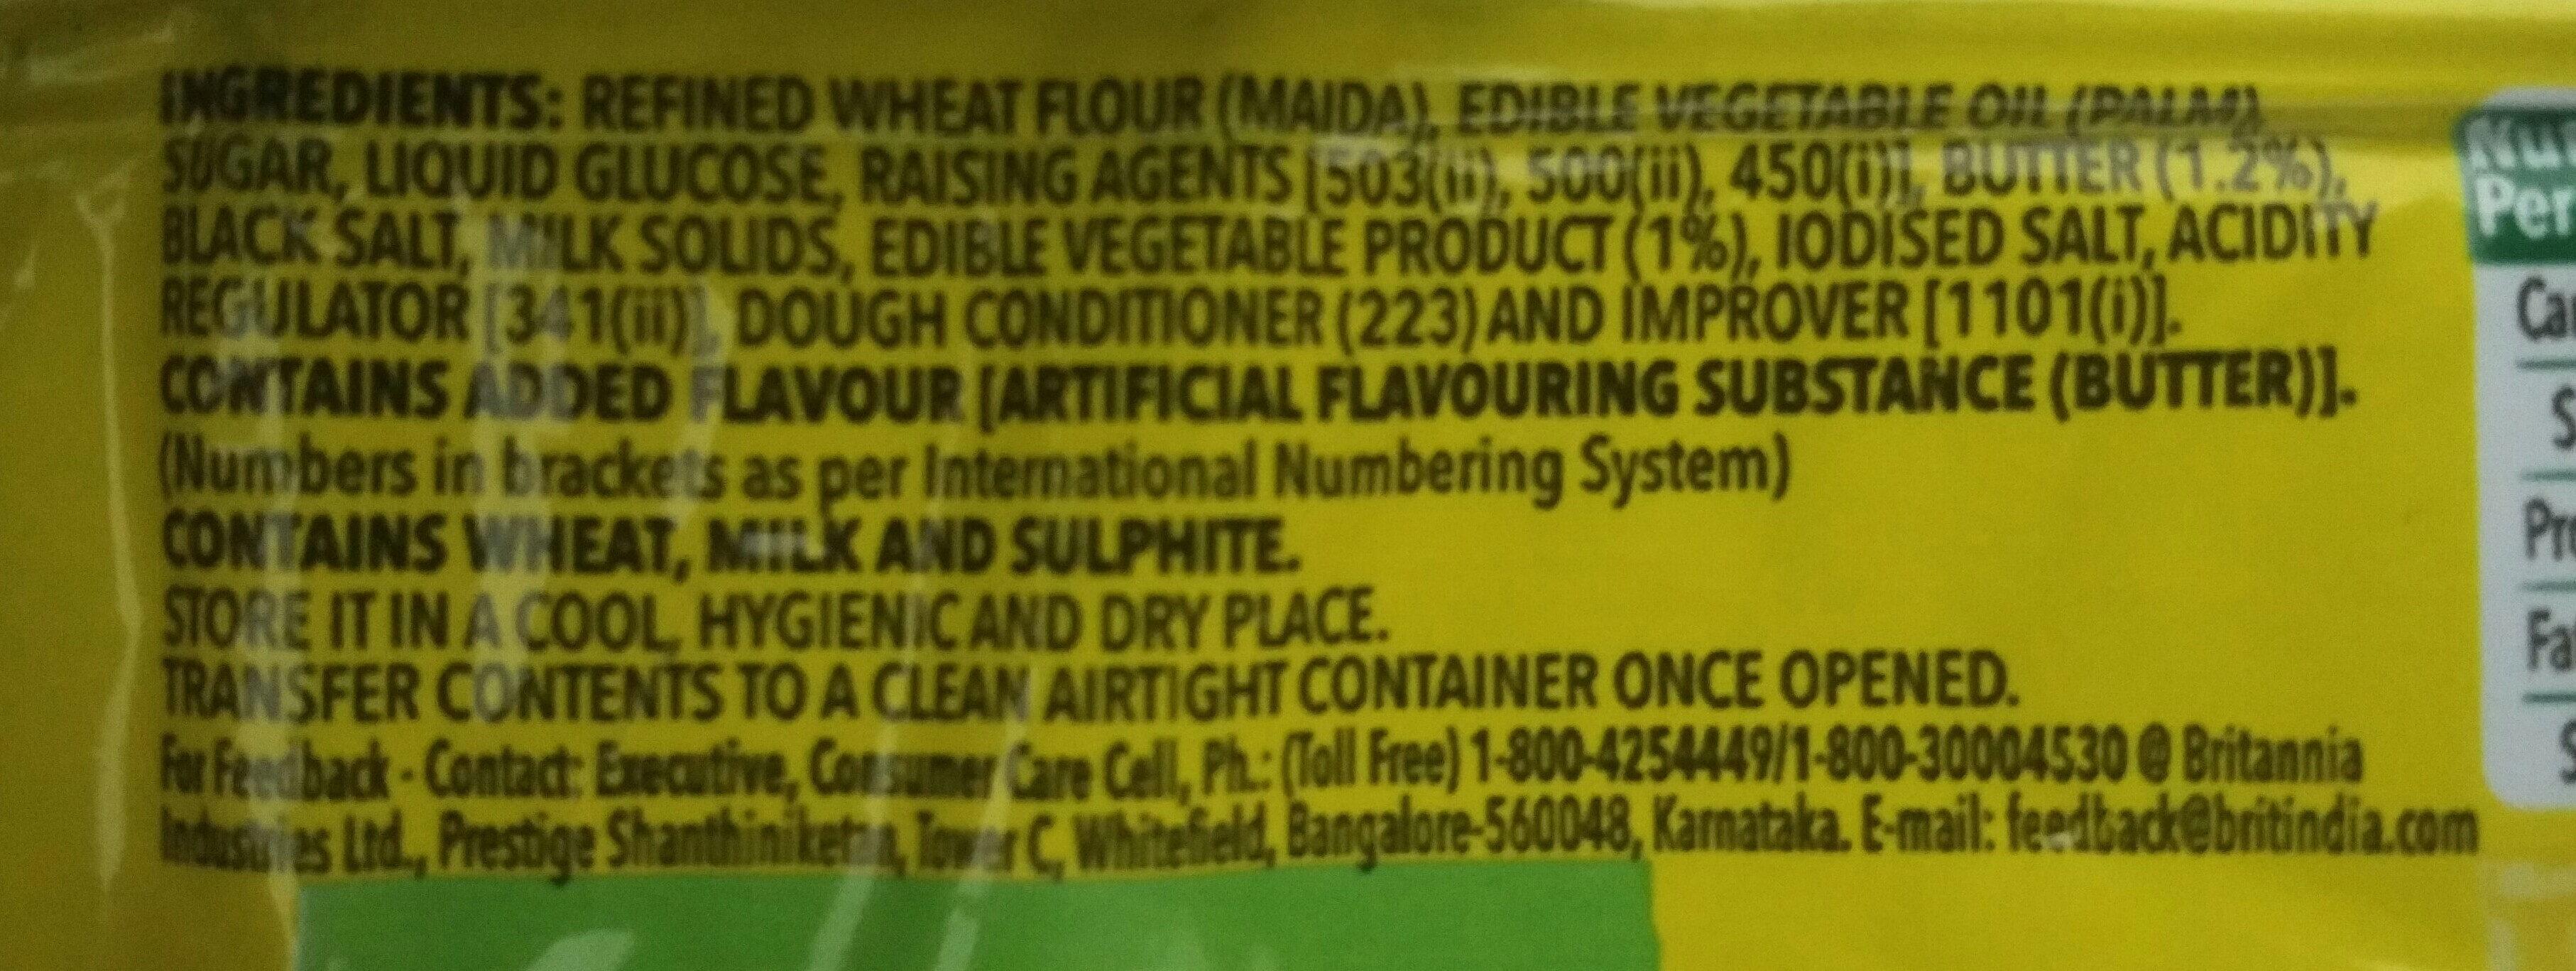 50-50 - Ingredients - en